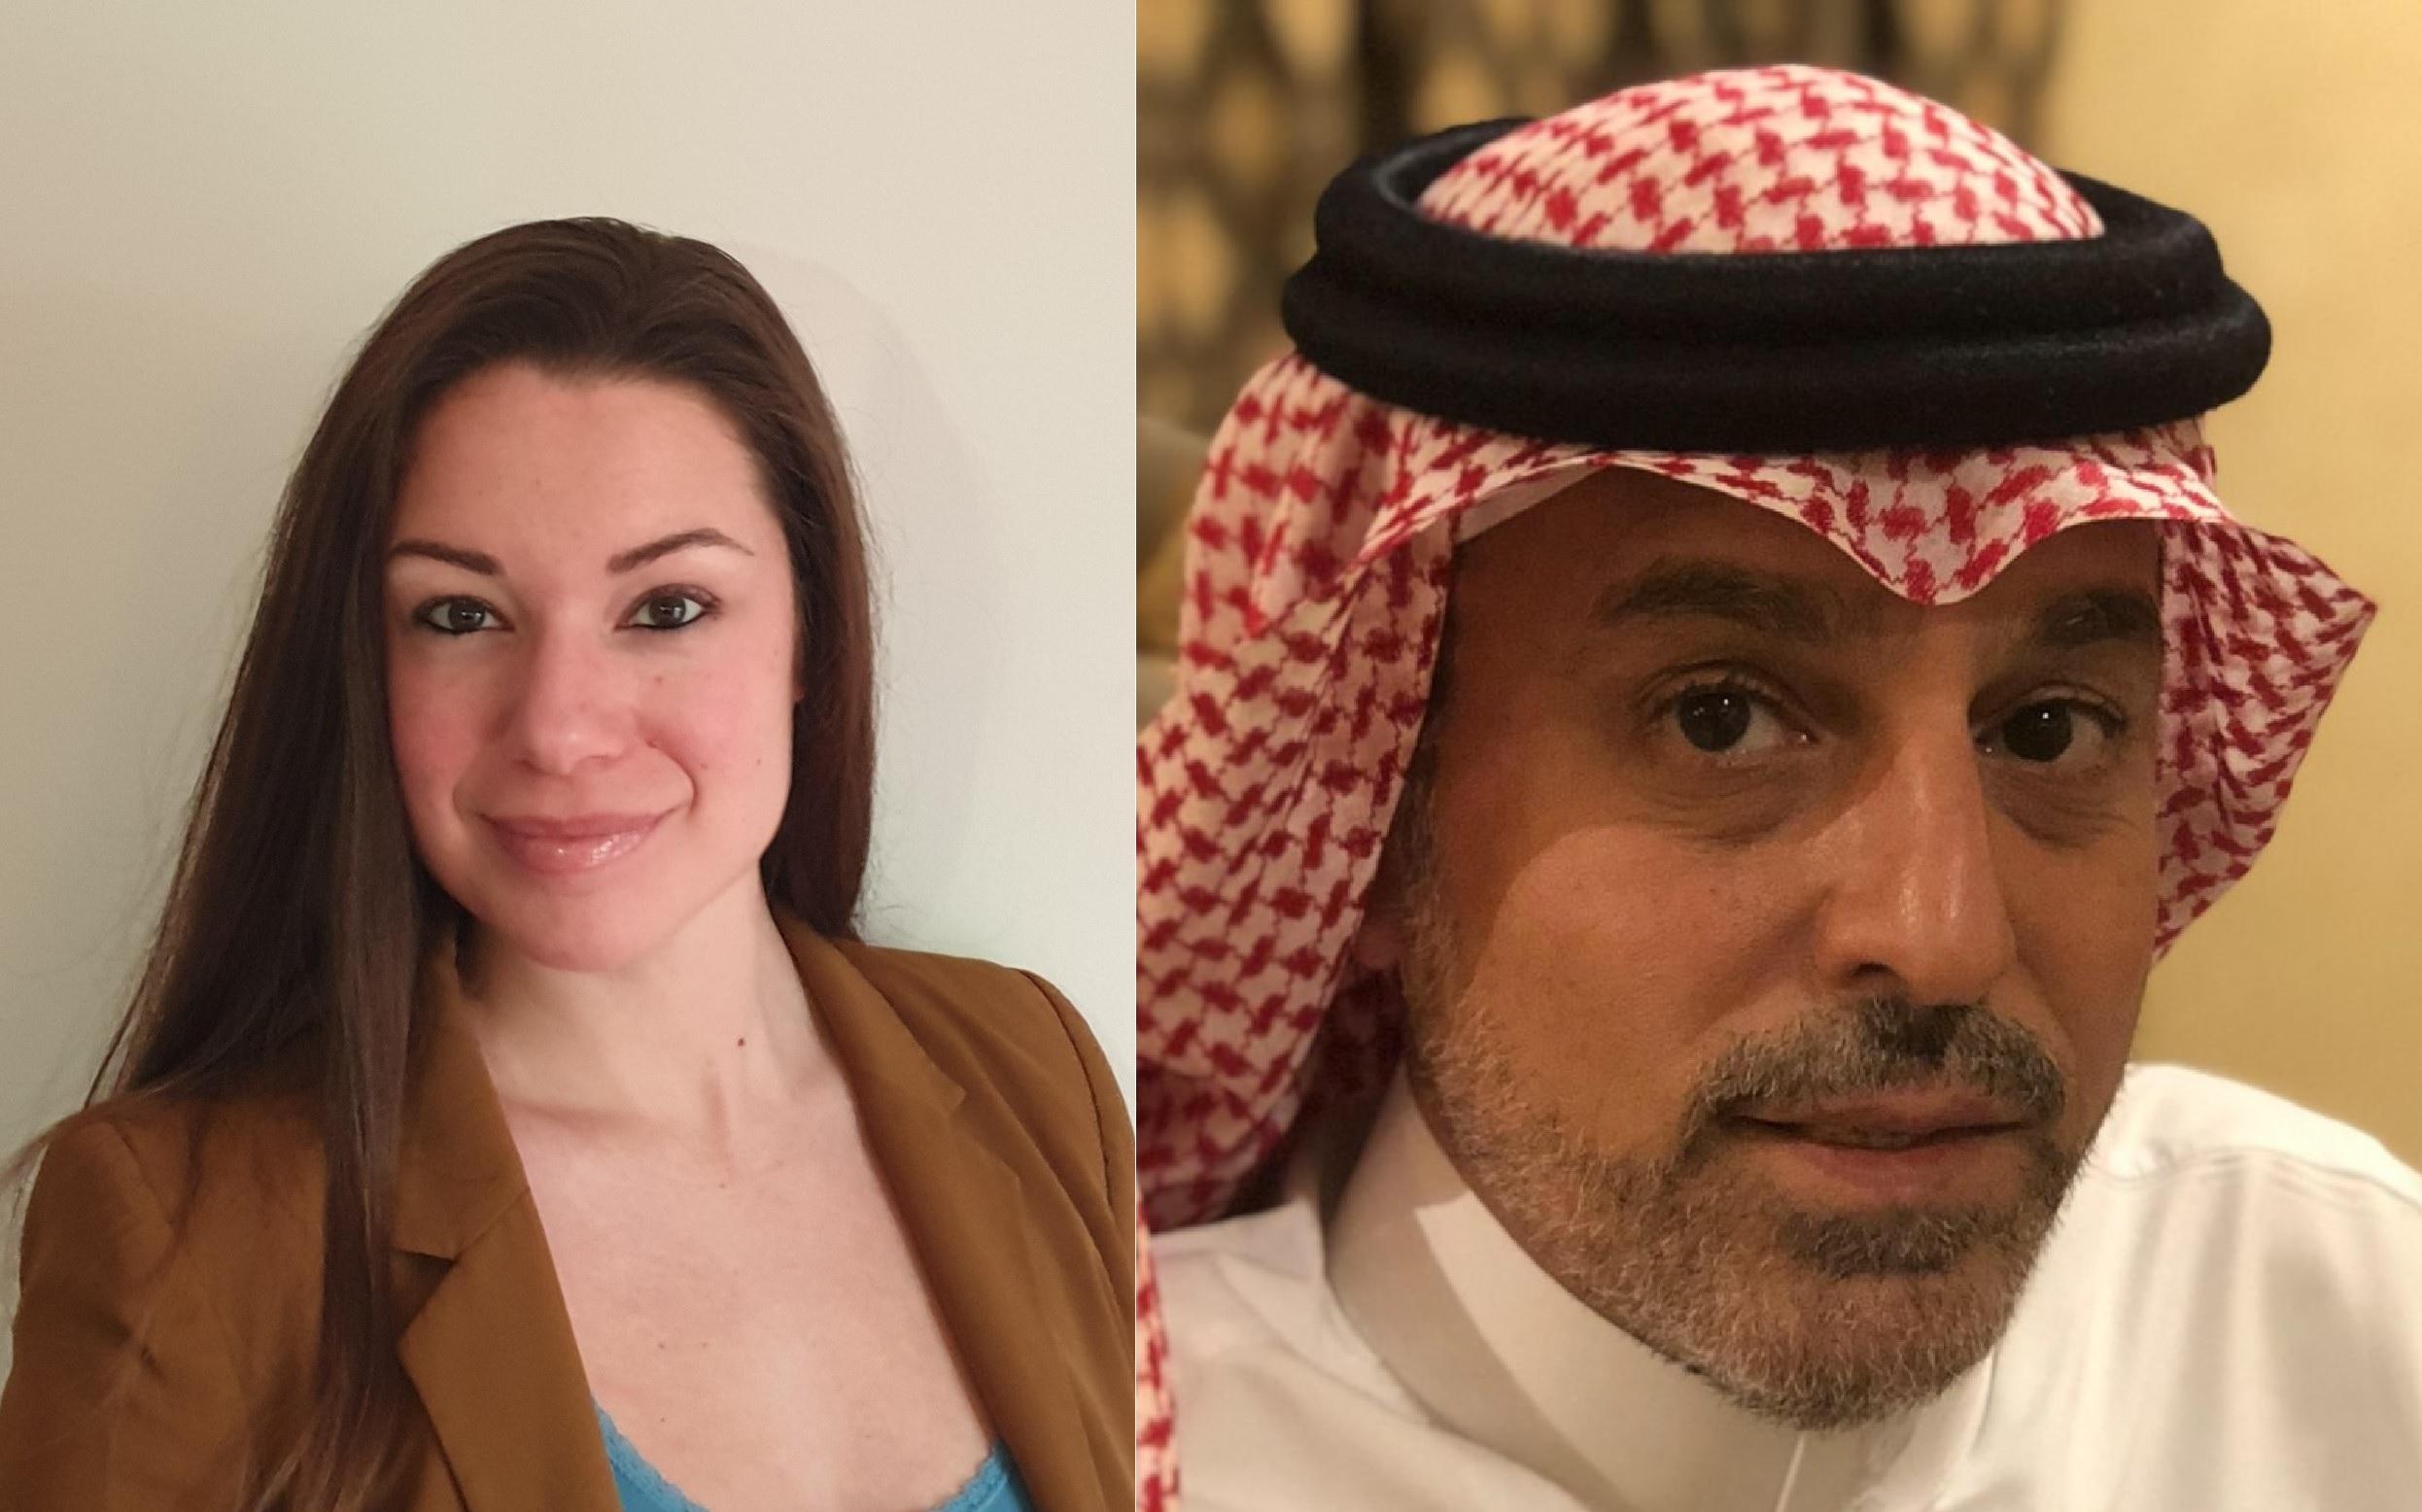 المتطرفَين السعودي كامل الخطي والإيطالية سارة برزوسكيويتش